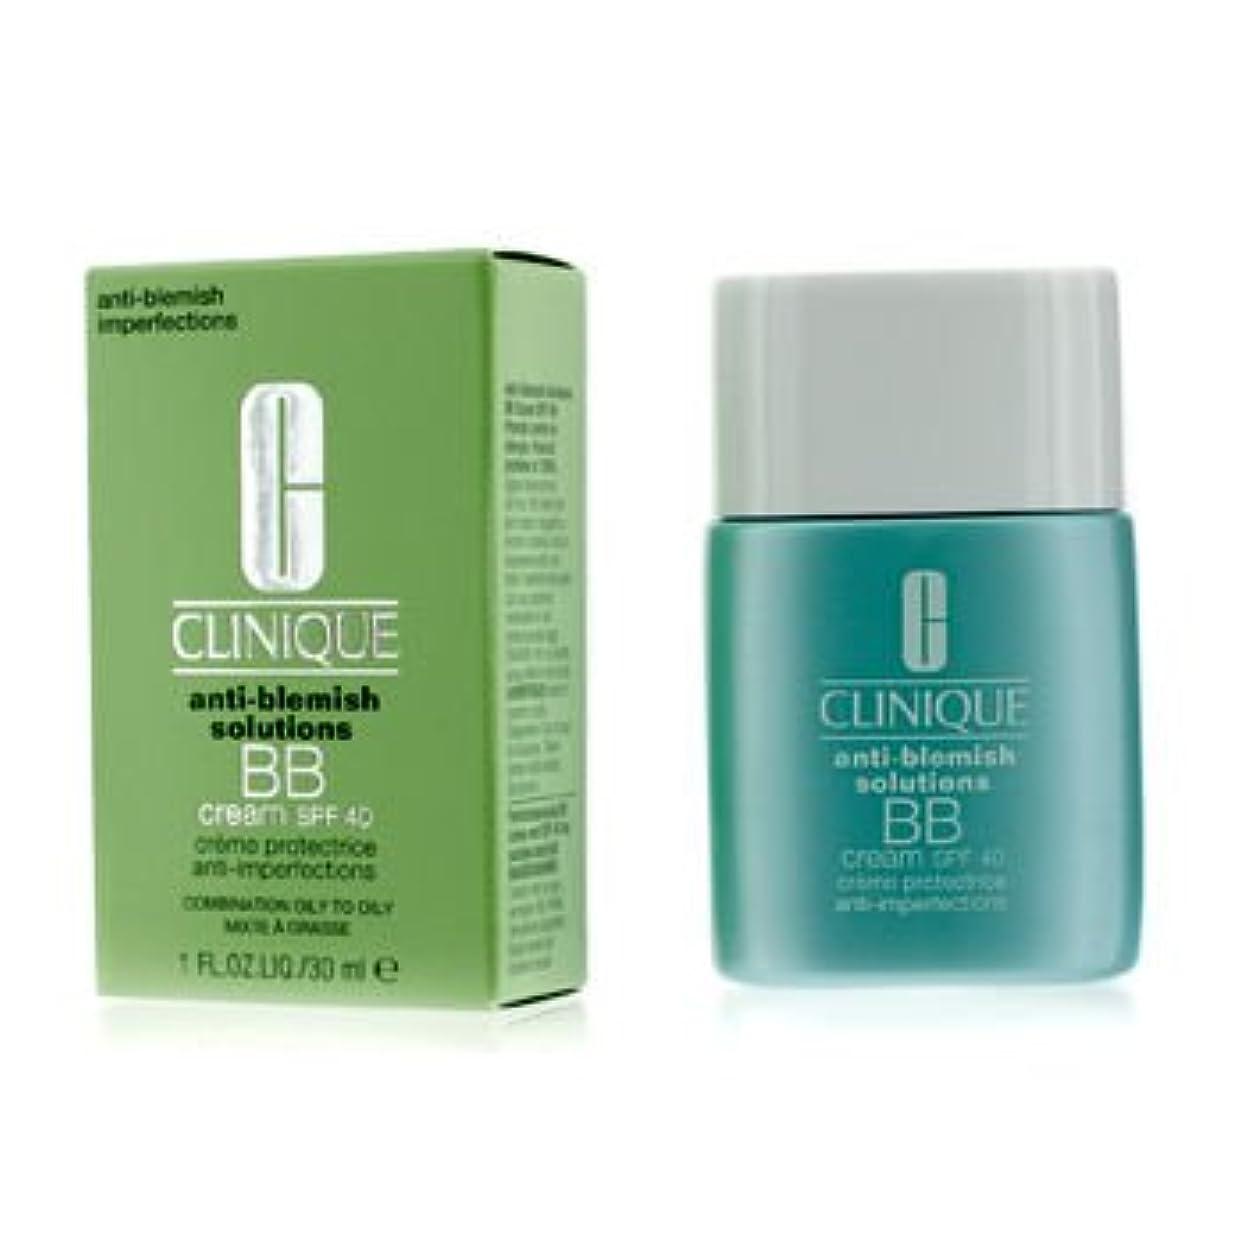 注釈を付ける骨髄ほとんどない[Clinique] Anti-Blemish Solutions BB Cream SPF 40 - Light Medium (Combination Oily to Oily) 30ml/1oz